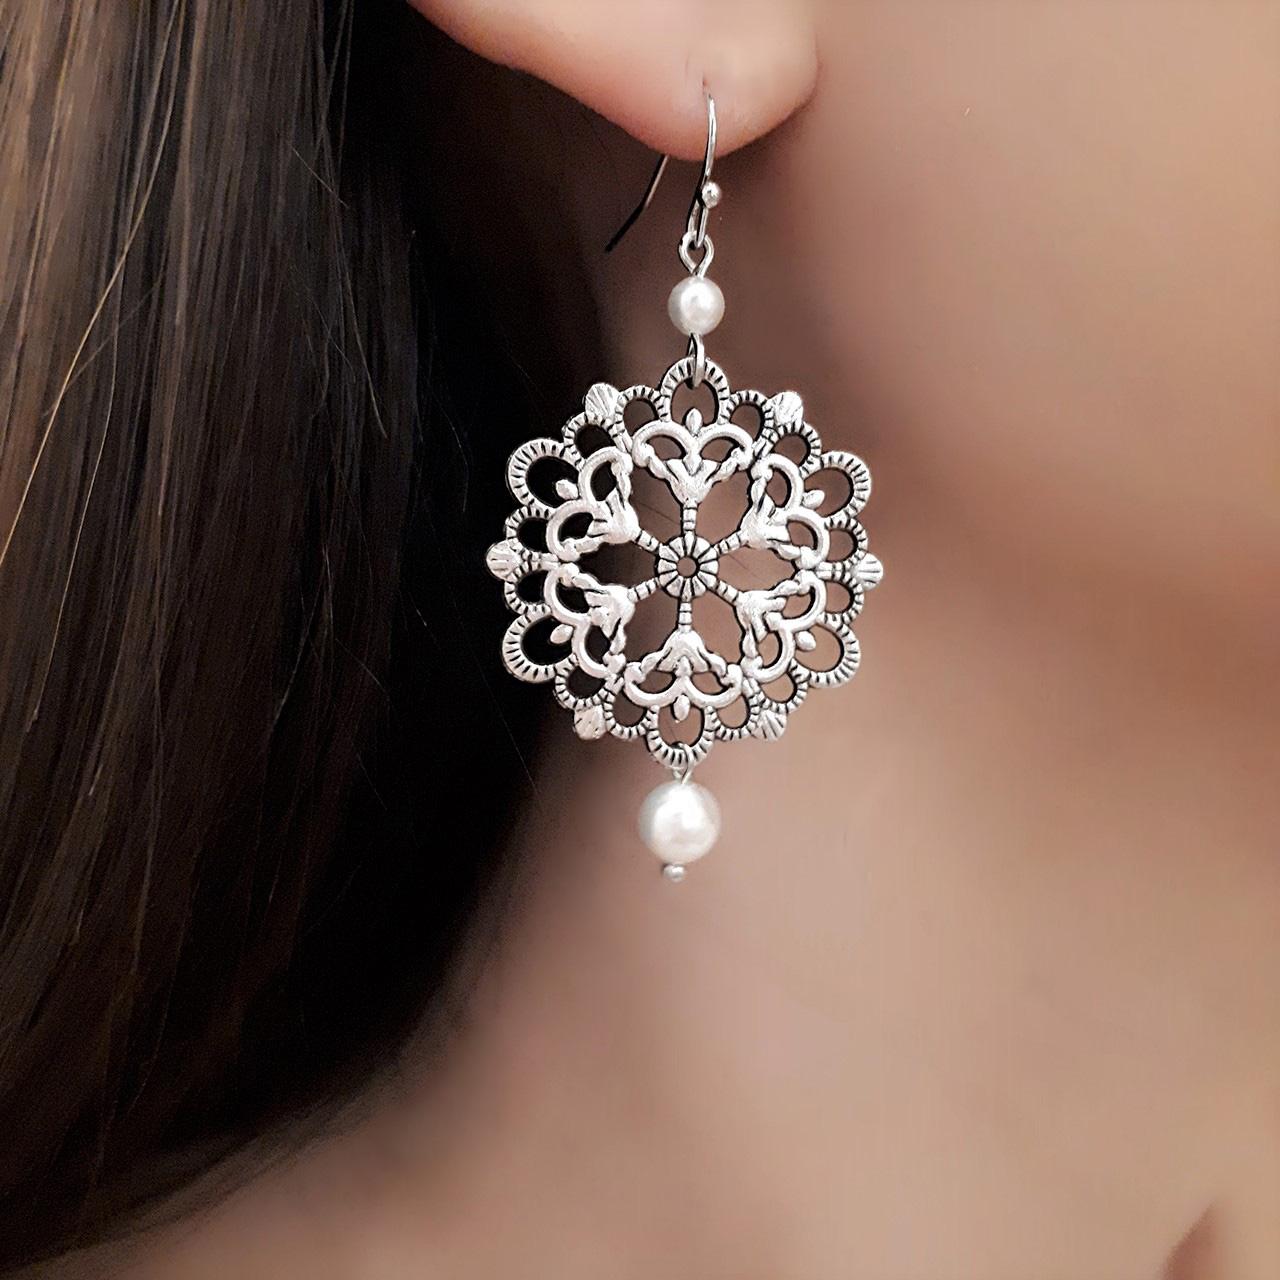 Emma - Boucles d'oreilles pendantes rondes ajourées avec perles Swarovski